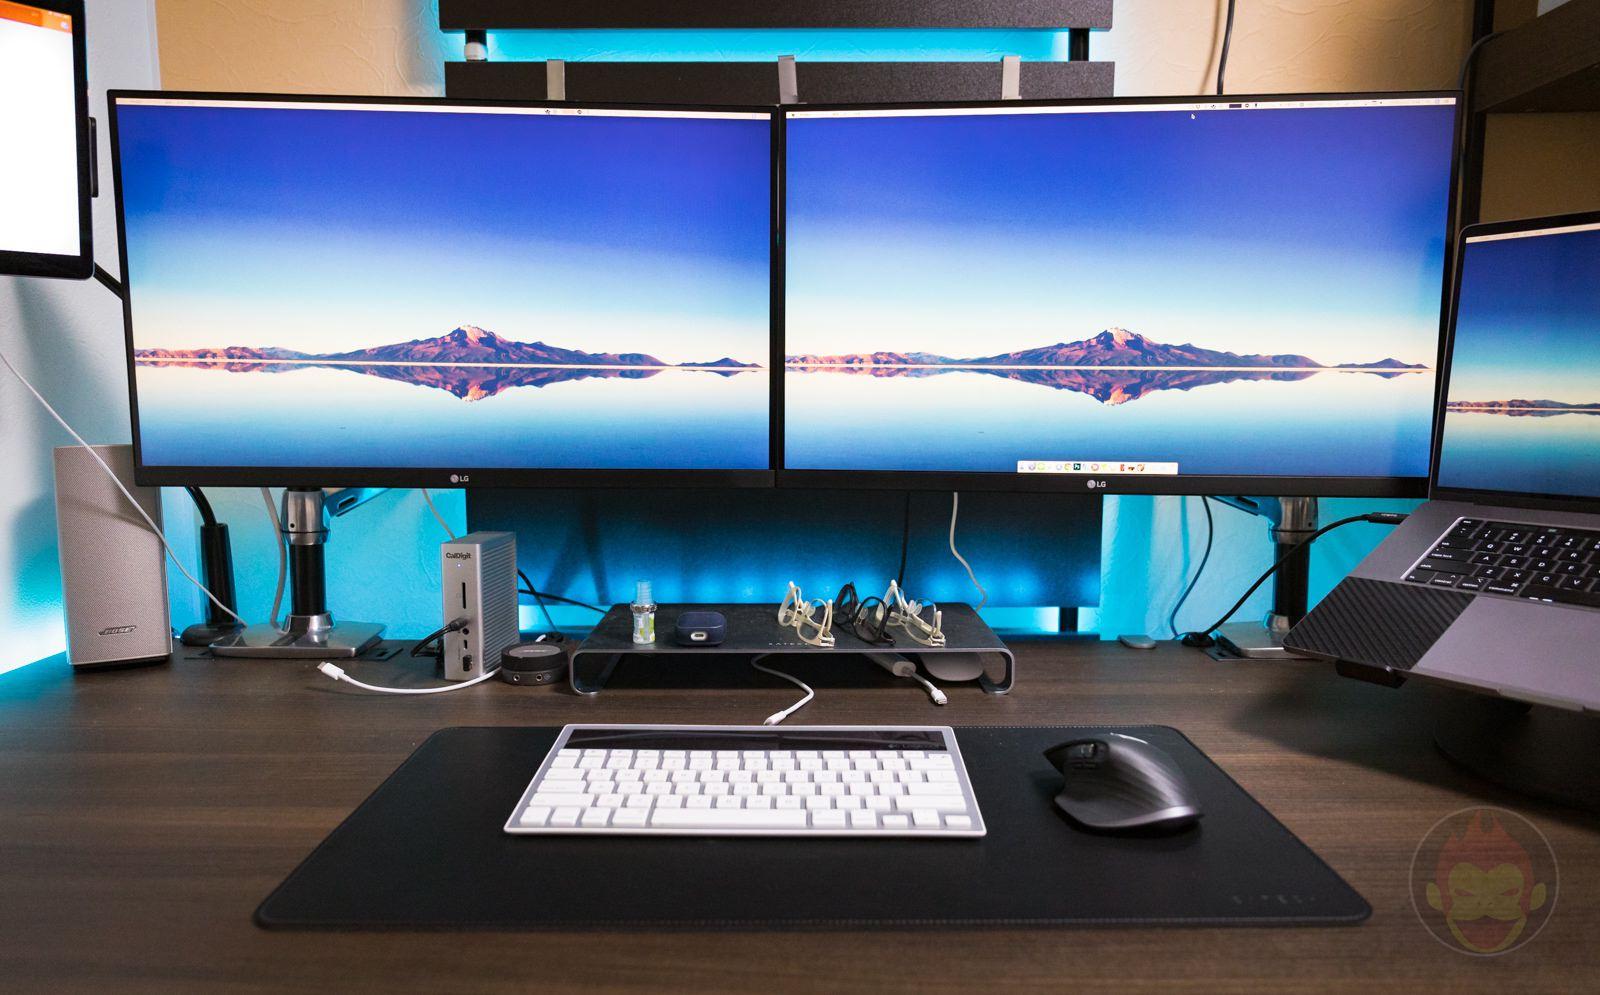 Macのあるデュアルディスプレイのセットアップ